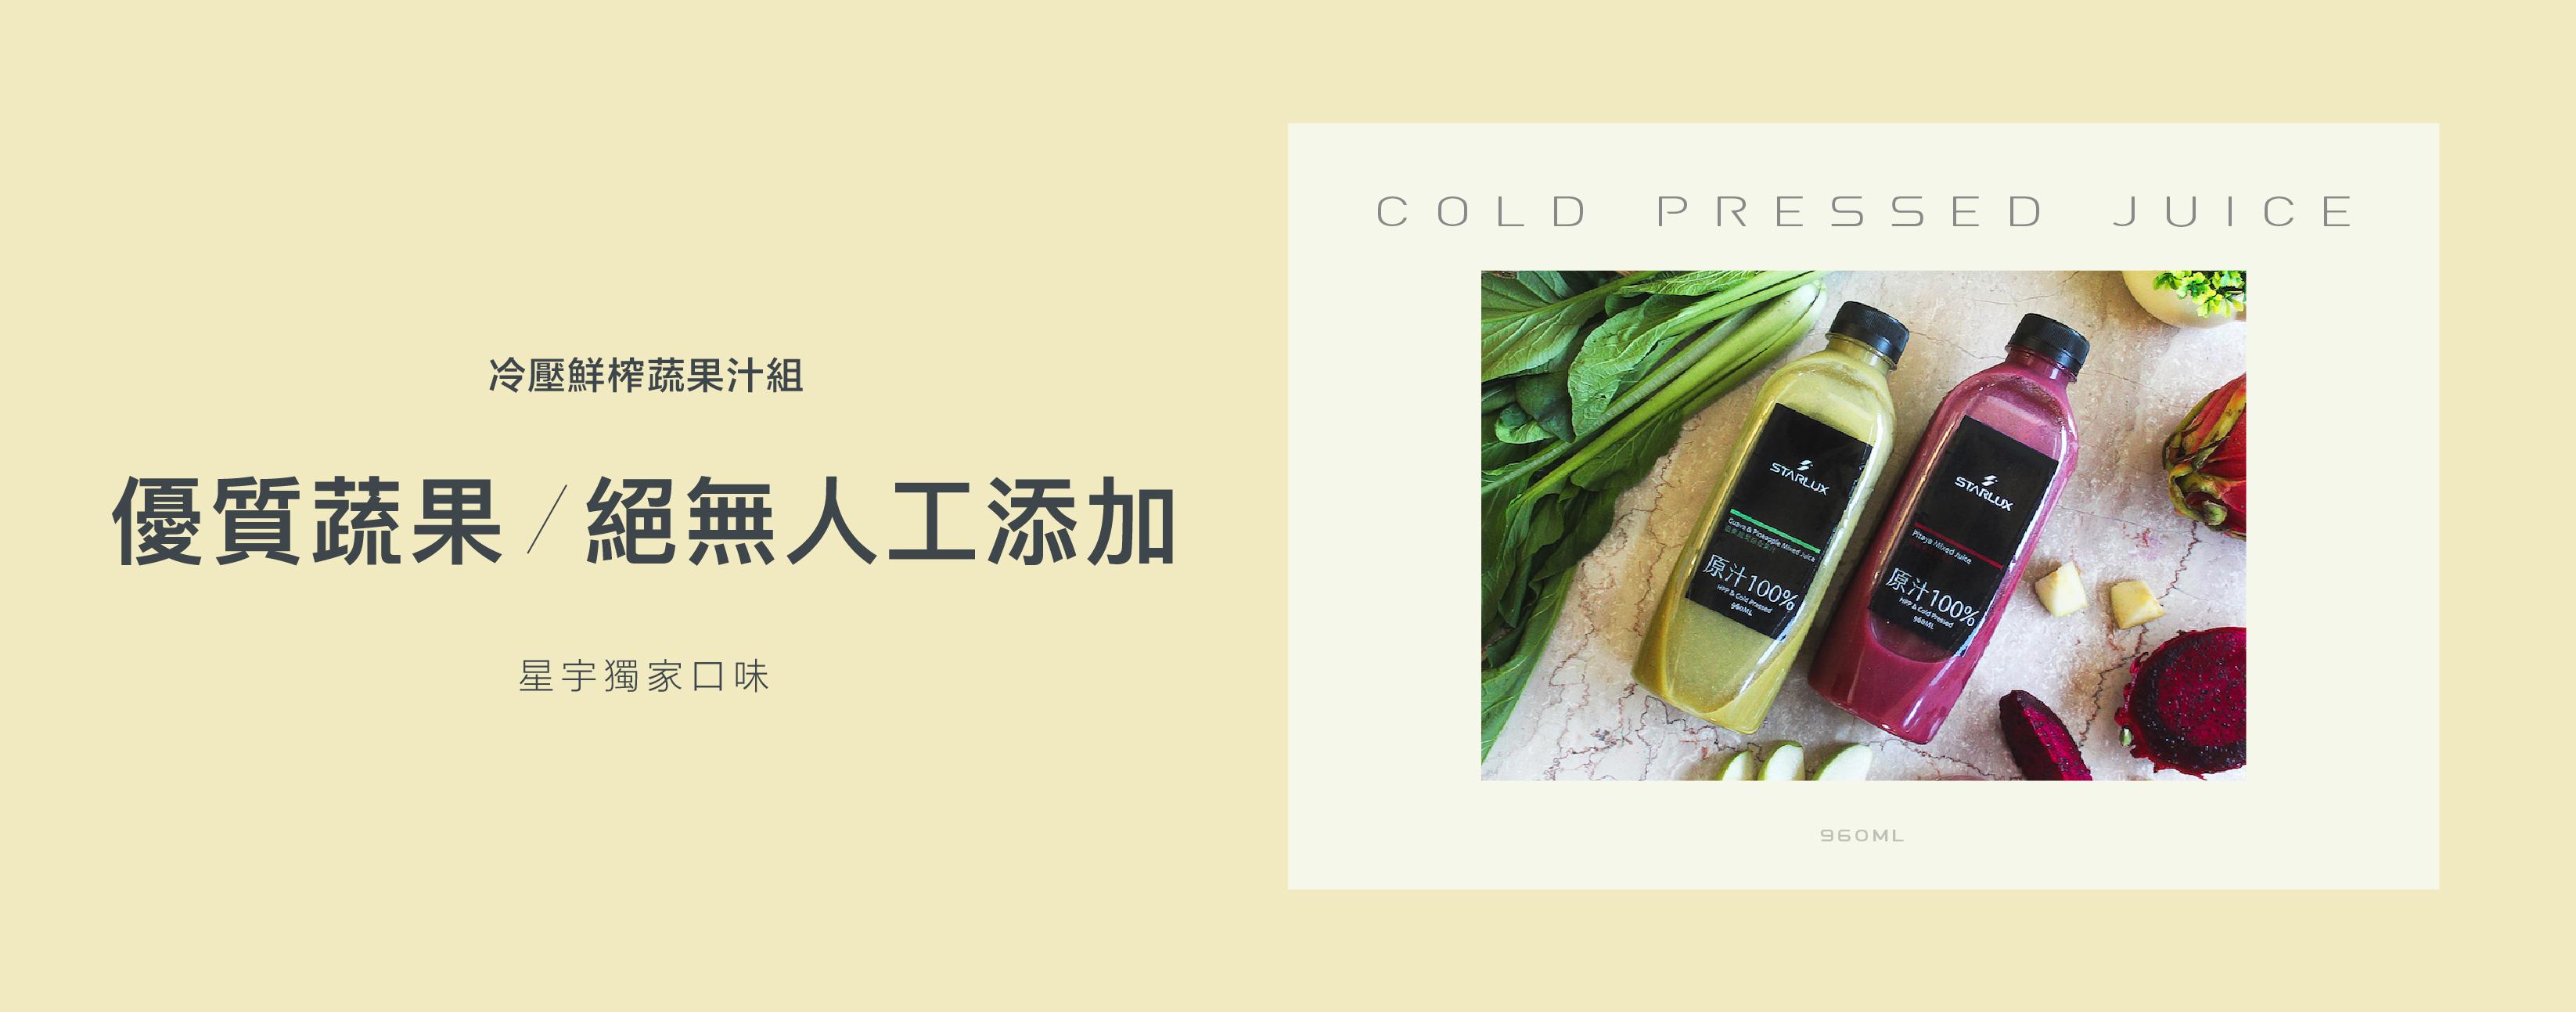 STARLUX | 冷壓鮮榨蔬果汁三瓶組 (芭樂鳳梨*2 + 紅龍果*1)